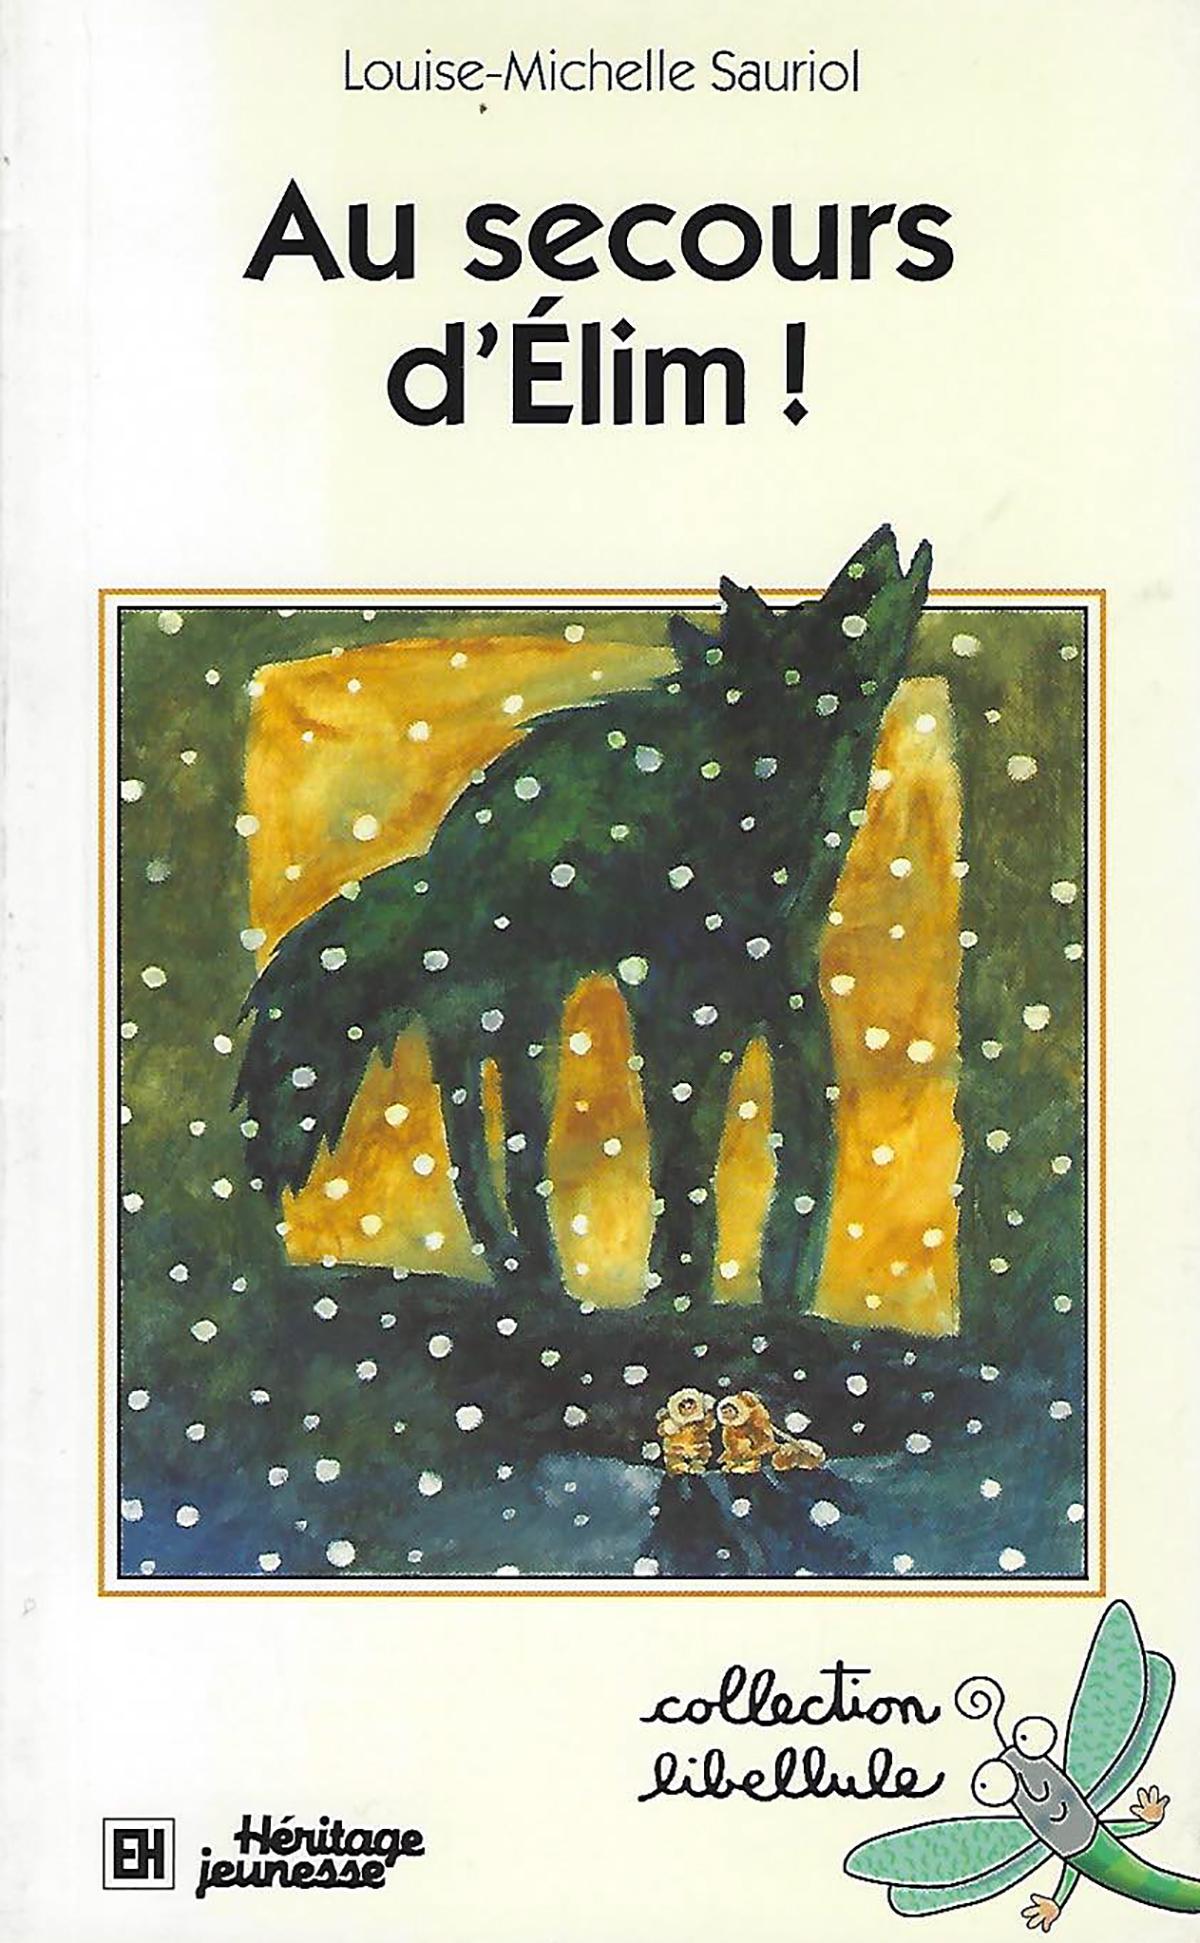 Au secours d'Elim!